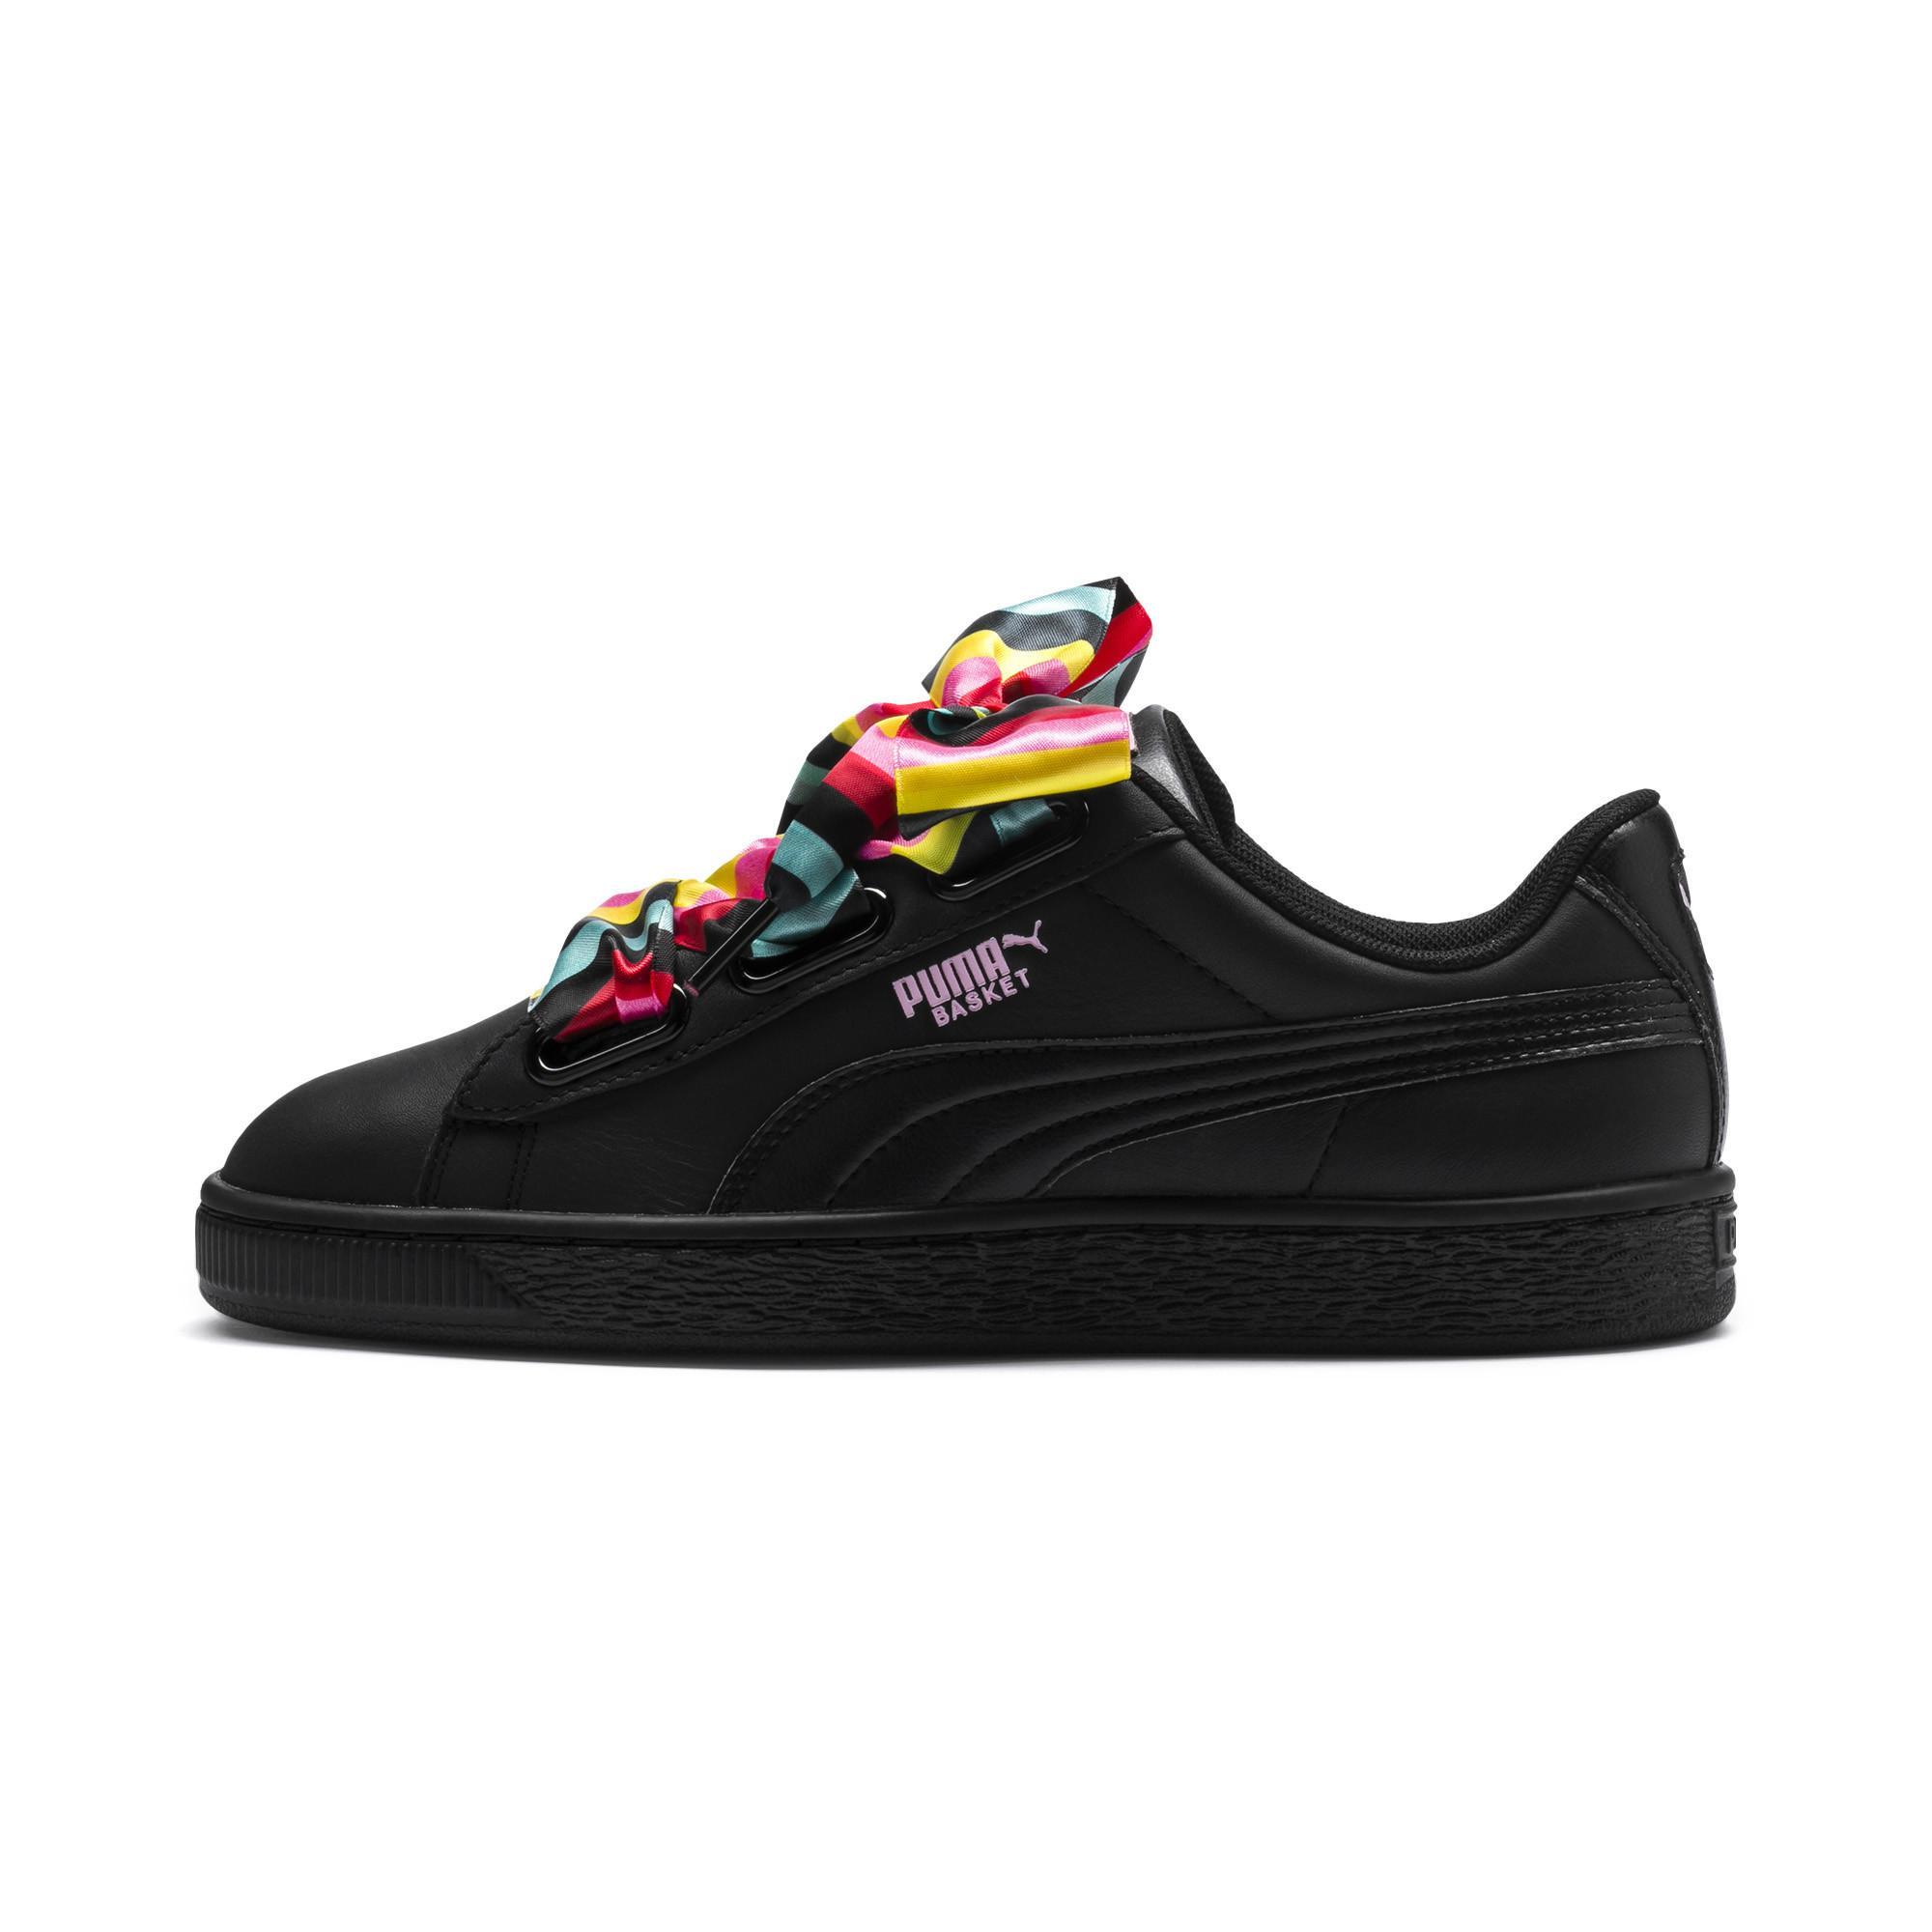 Lyst - PUMA Basket Heart Generation Hustle Women s Sneakers in Black 420bb4288